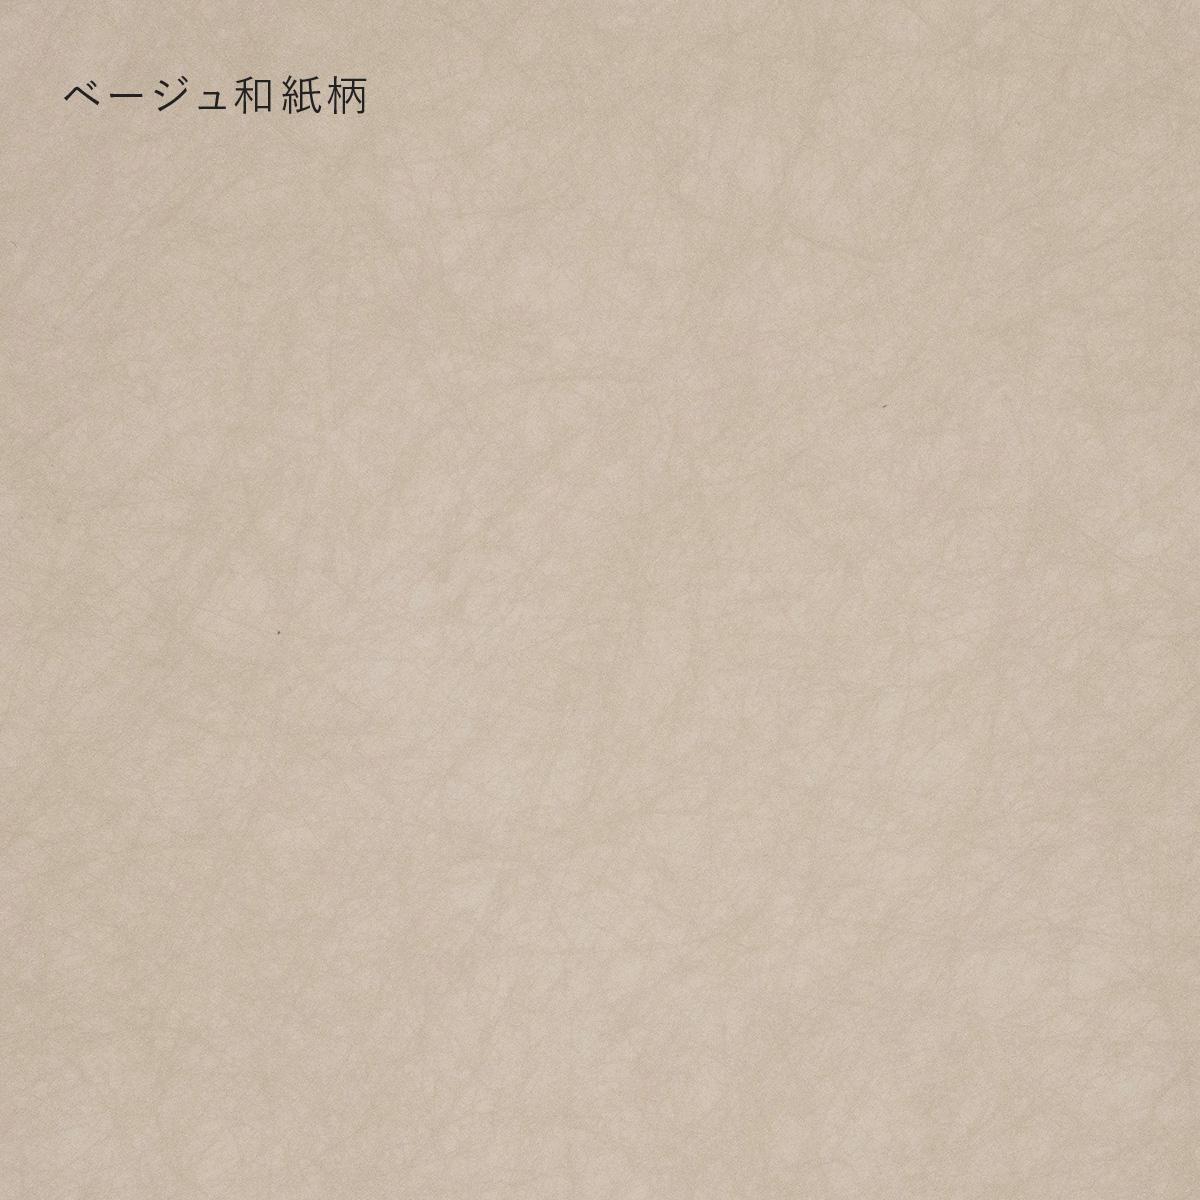 【V-TISS LIGHT】 ハーフ2連